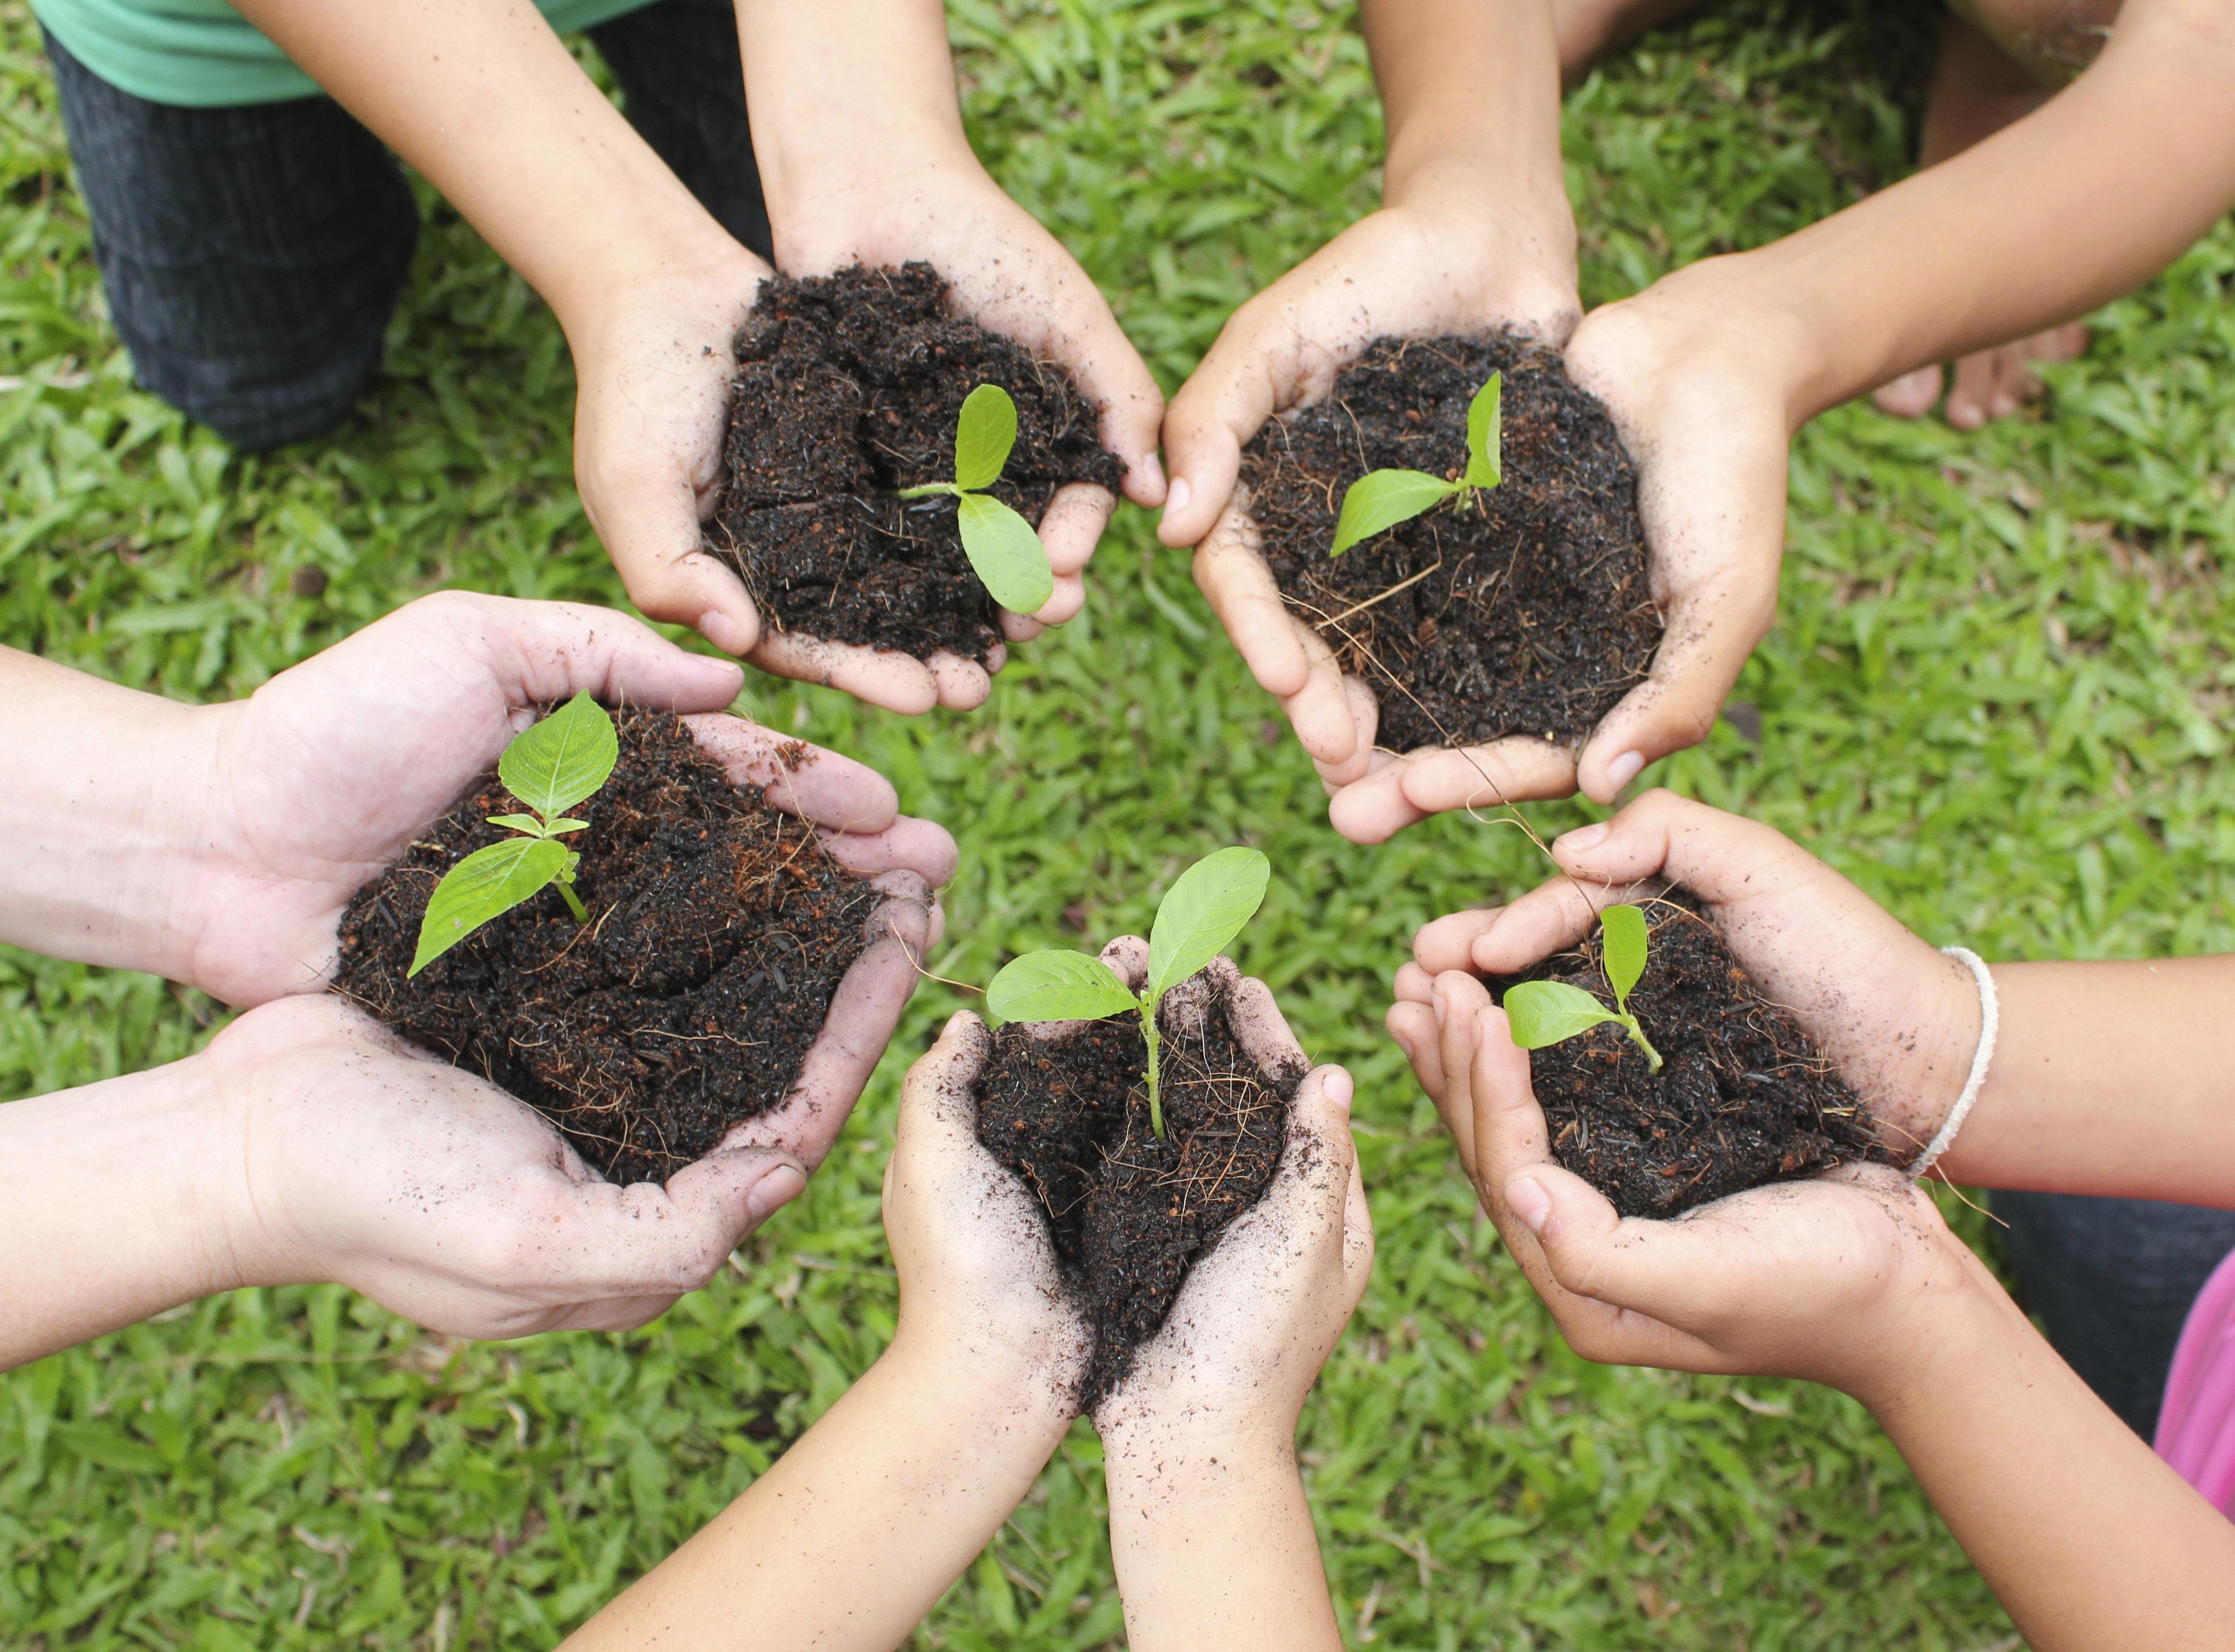 สานพลังคนไทย ร่วมใจสร้างสังคมอากาศสะอาด  thaihealth